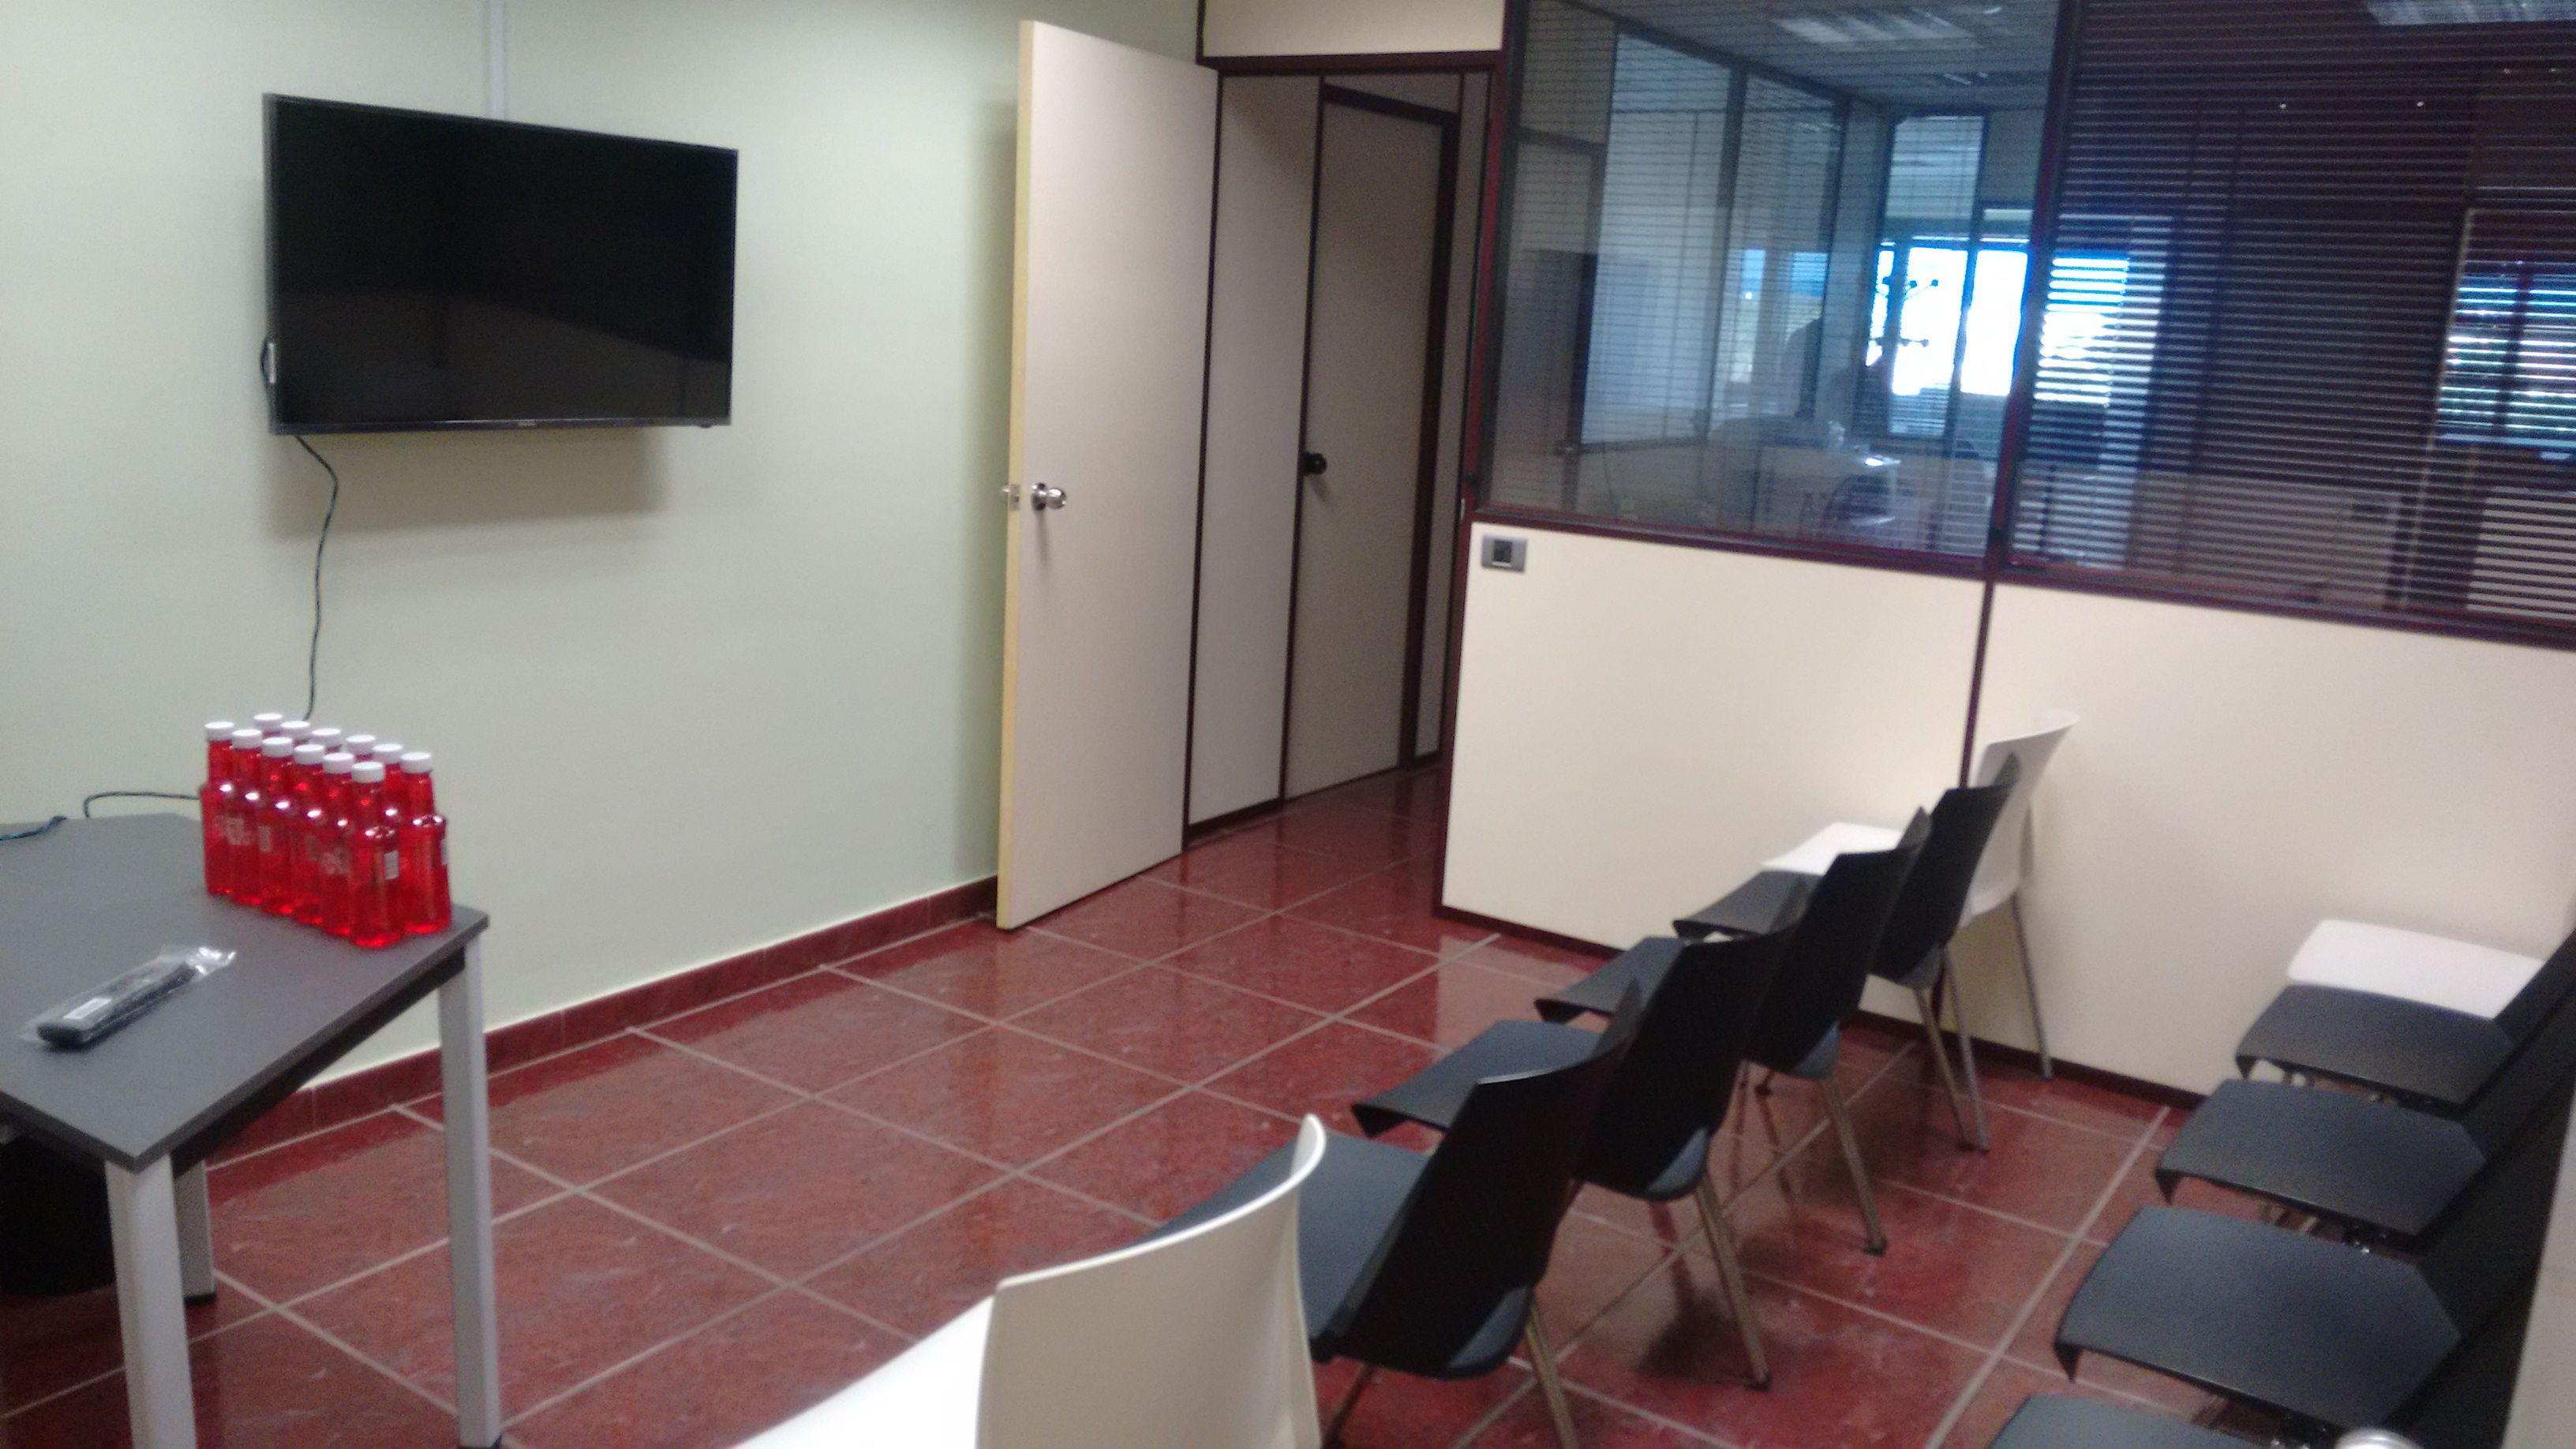 sala de reuniones con televisión